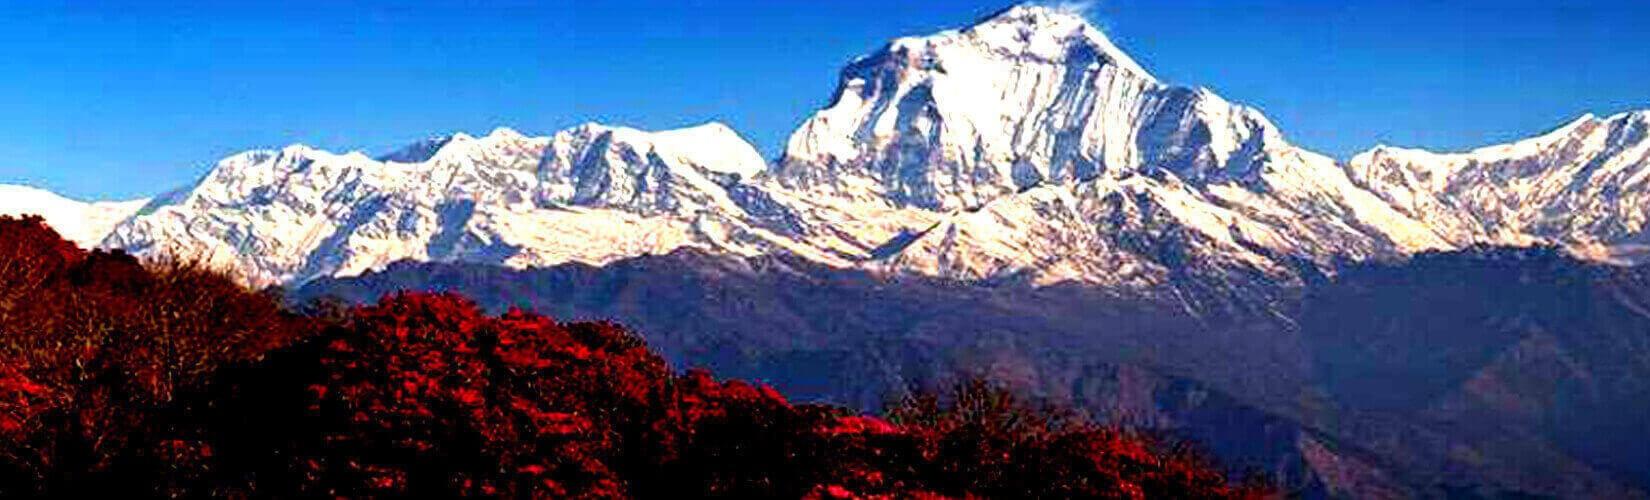 Best Trekking in Nepal   Trekking in Nepal   Nepal Trekking Package   Reasonable Treks